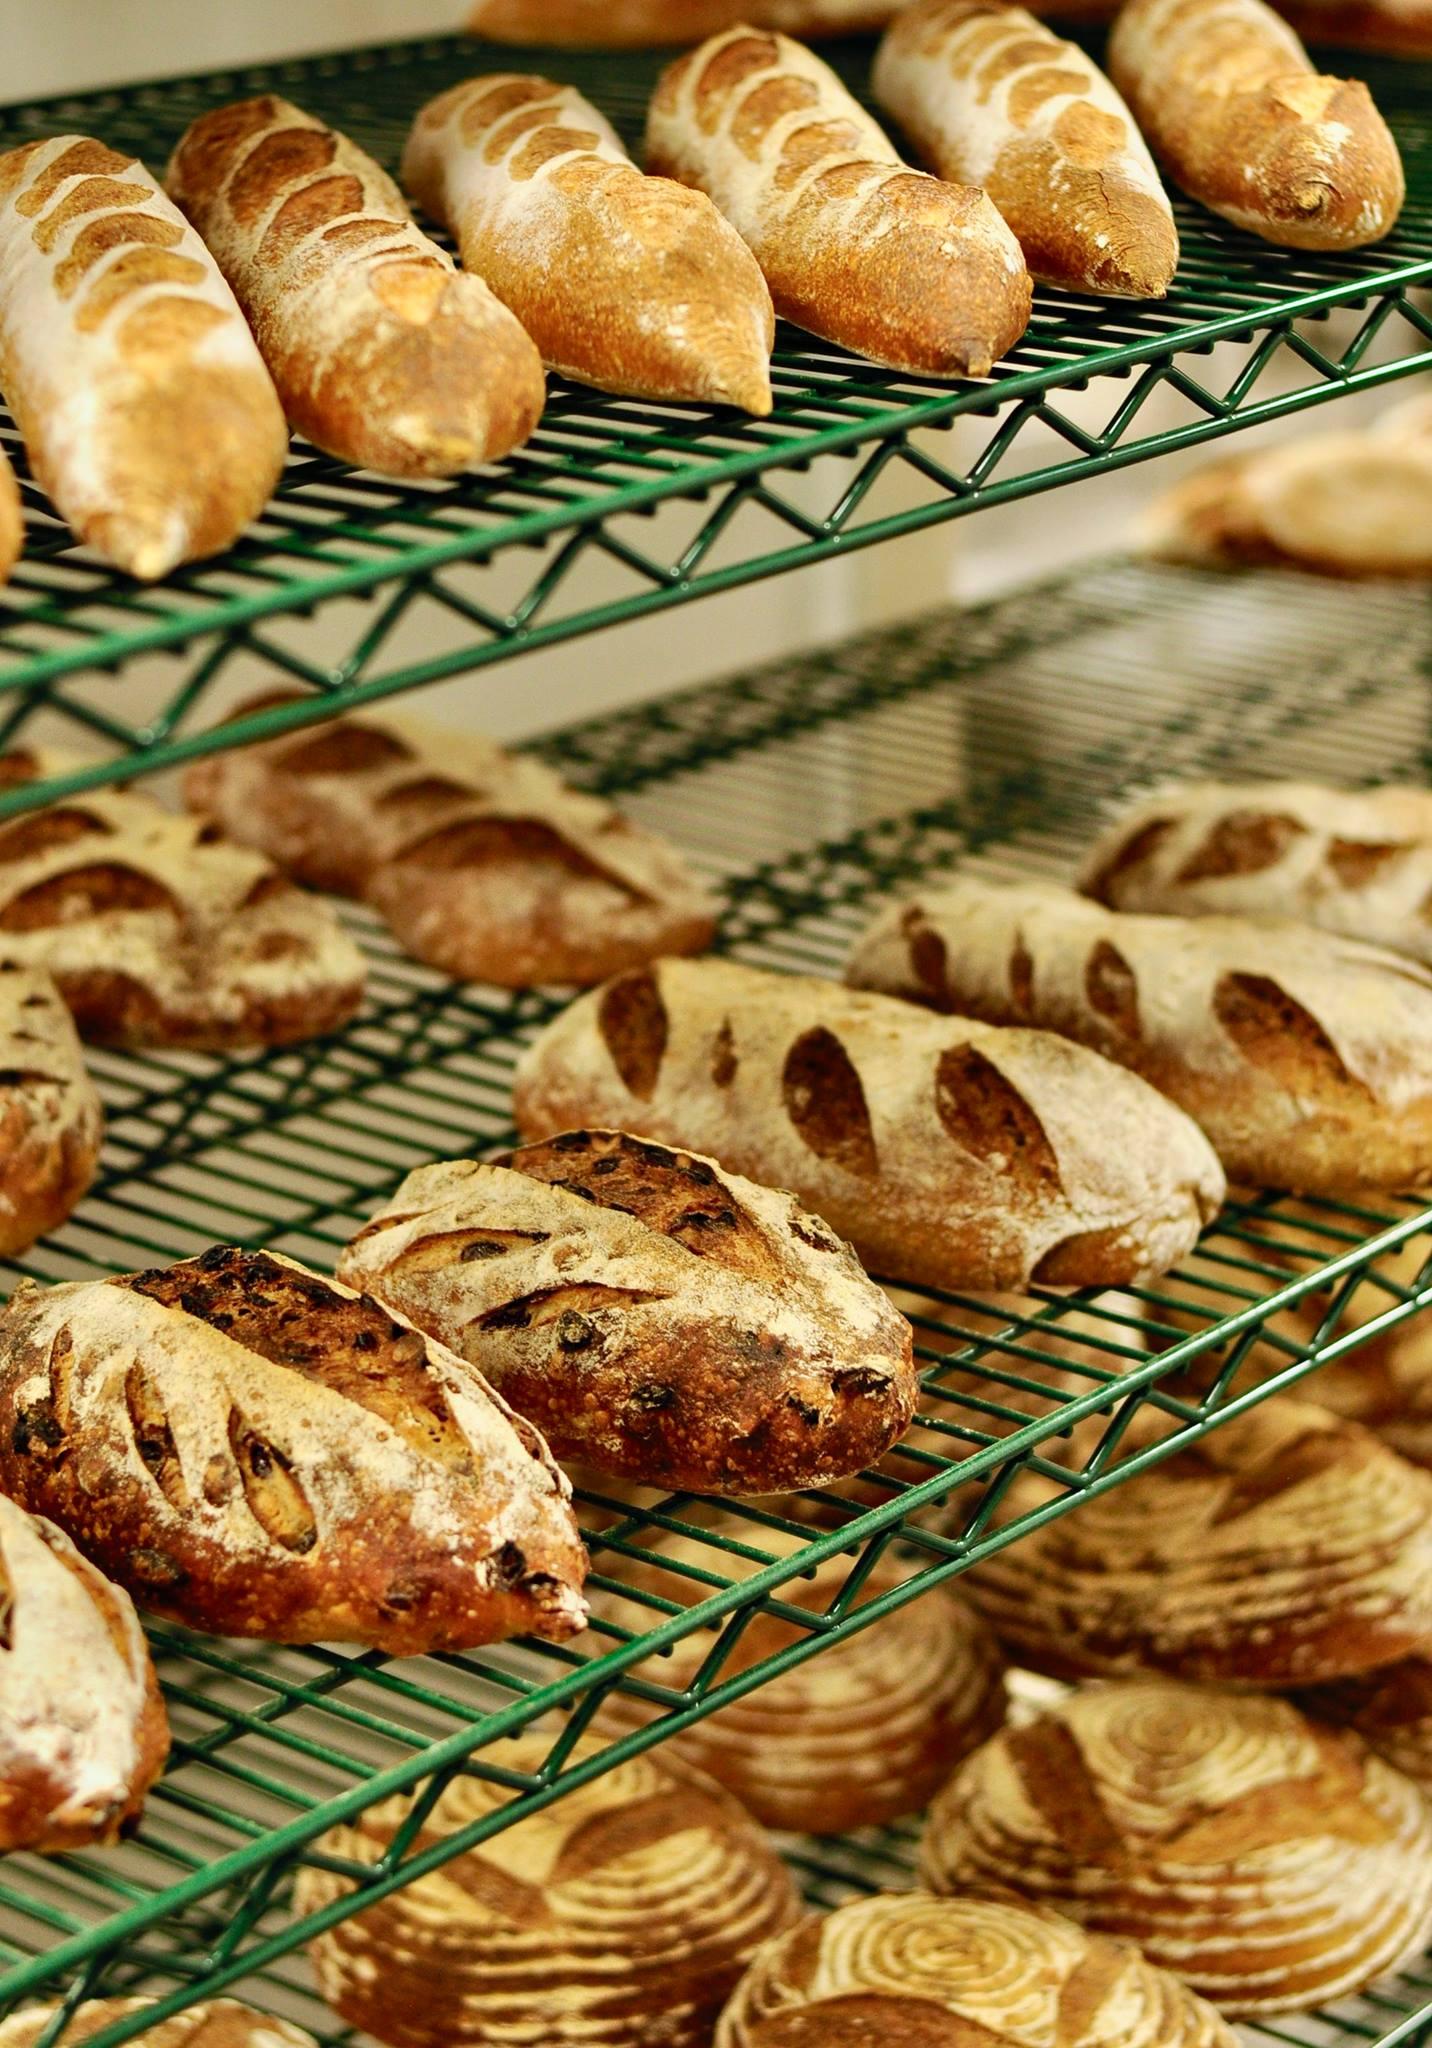 C/O Bell Market FB Page - Honeybell Bakery